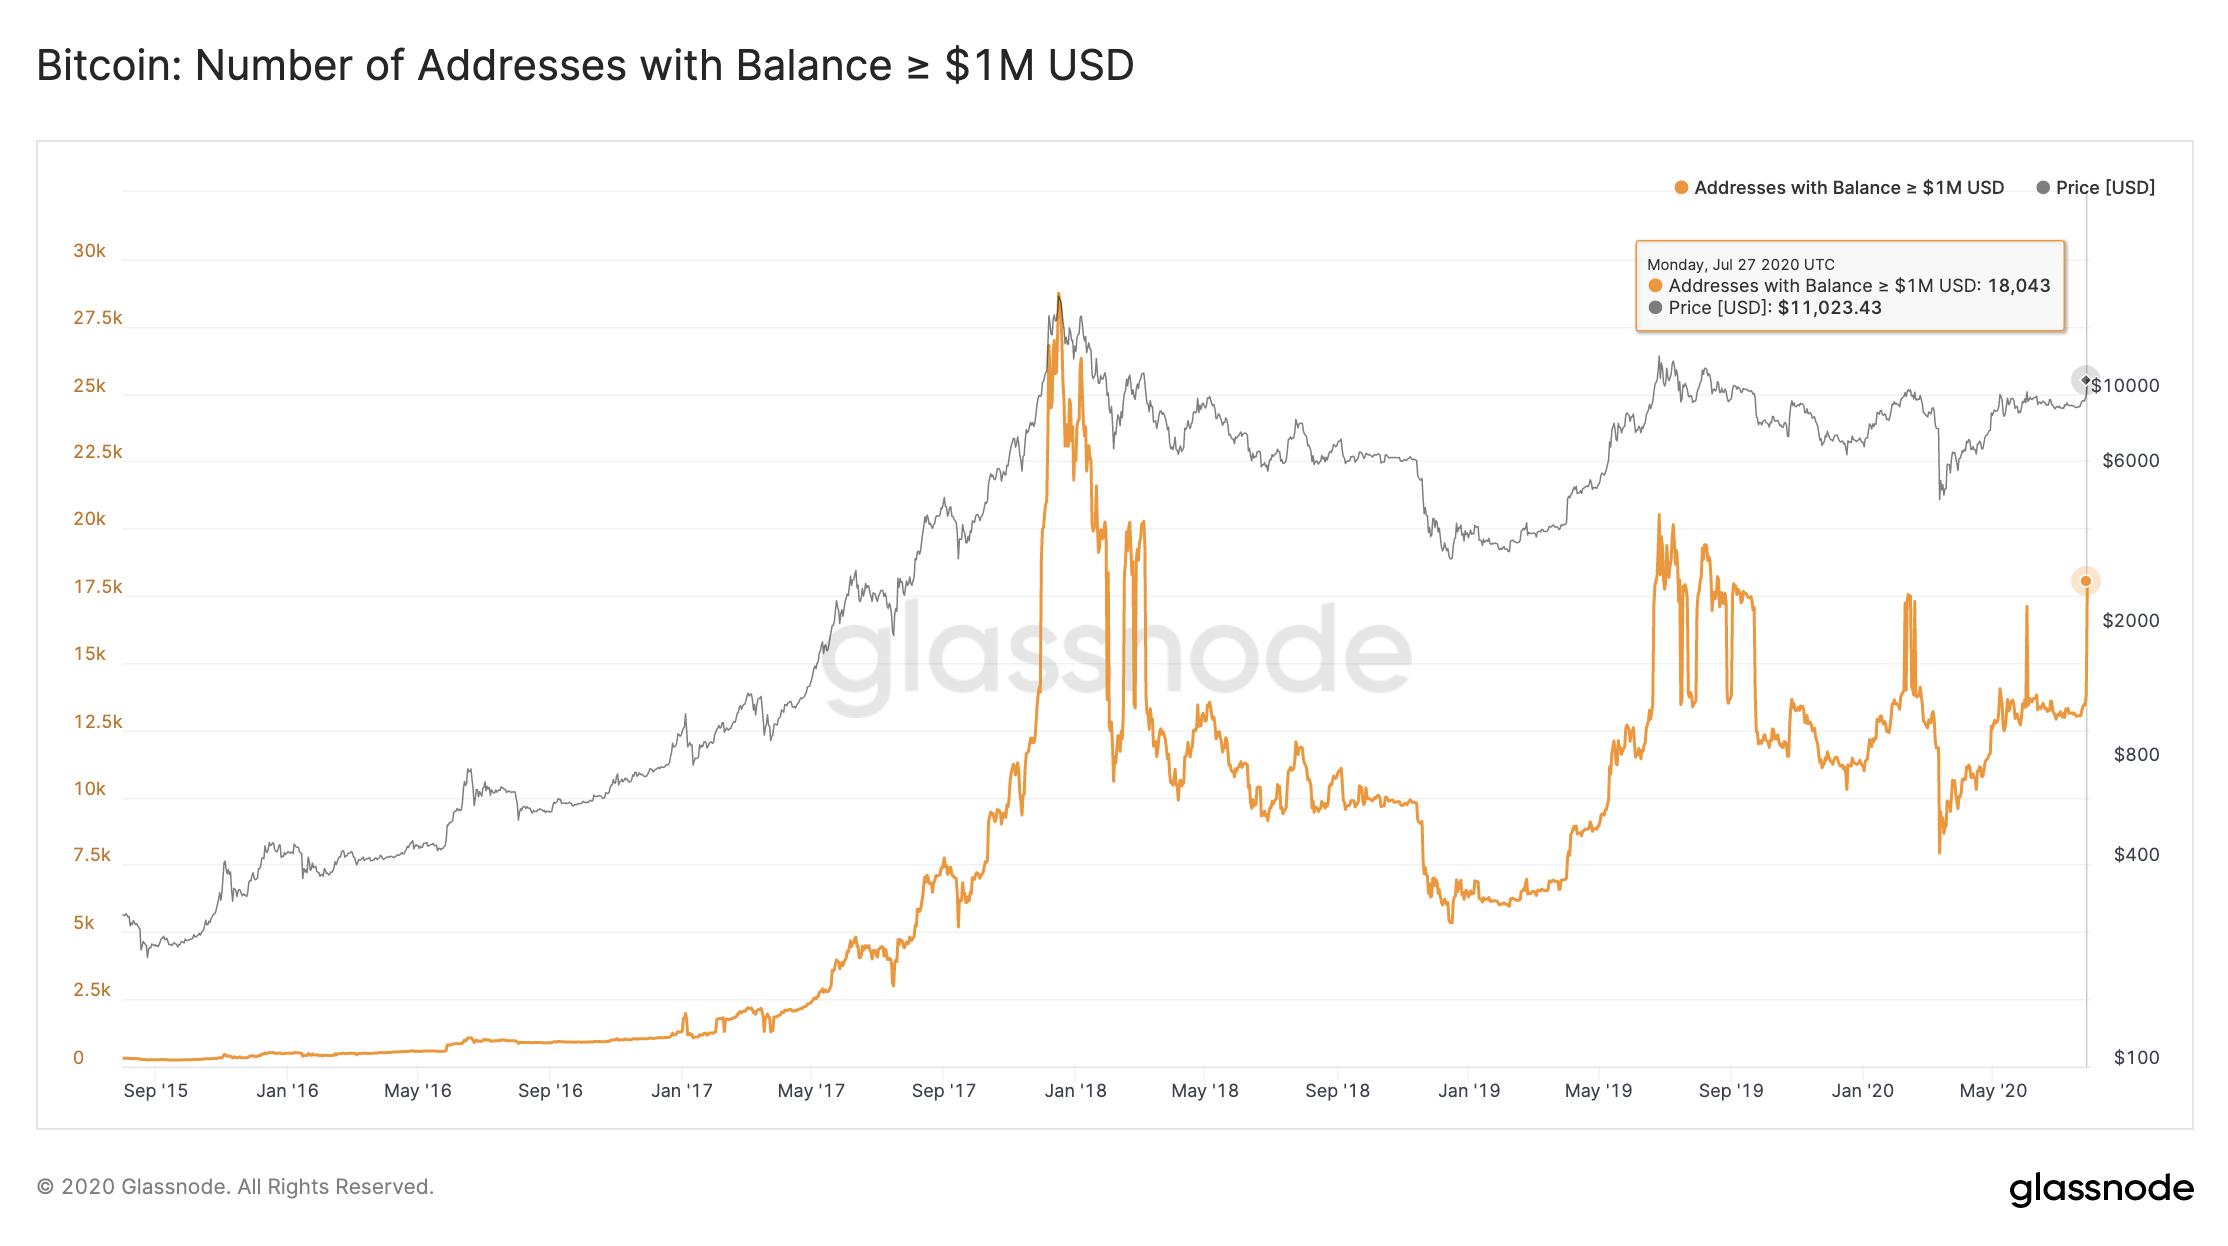 В результате начавшегося ралли биткоина, количество держателей криптовалюты, объёмы инвестиций которых составляет минимум $1 млн. возросло на 38%